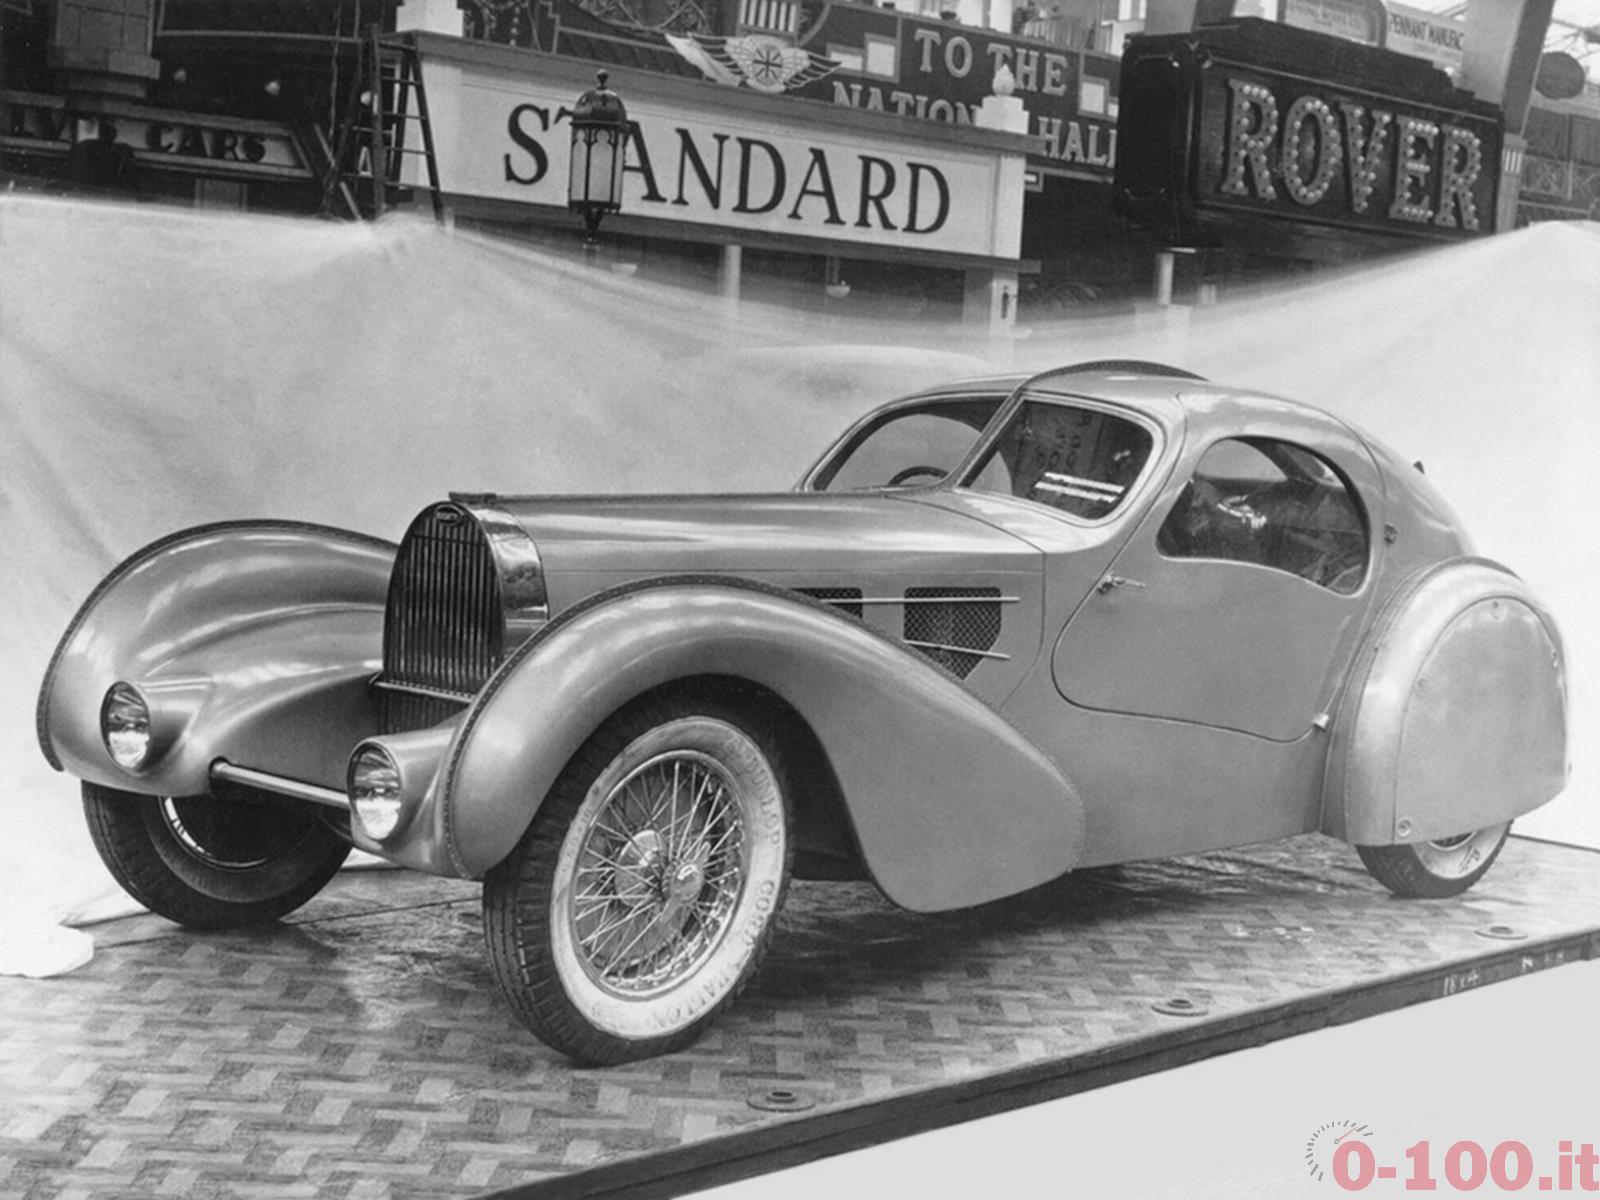 Bugatti_Type_57_Aerolithe_electron_1935_5